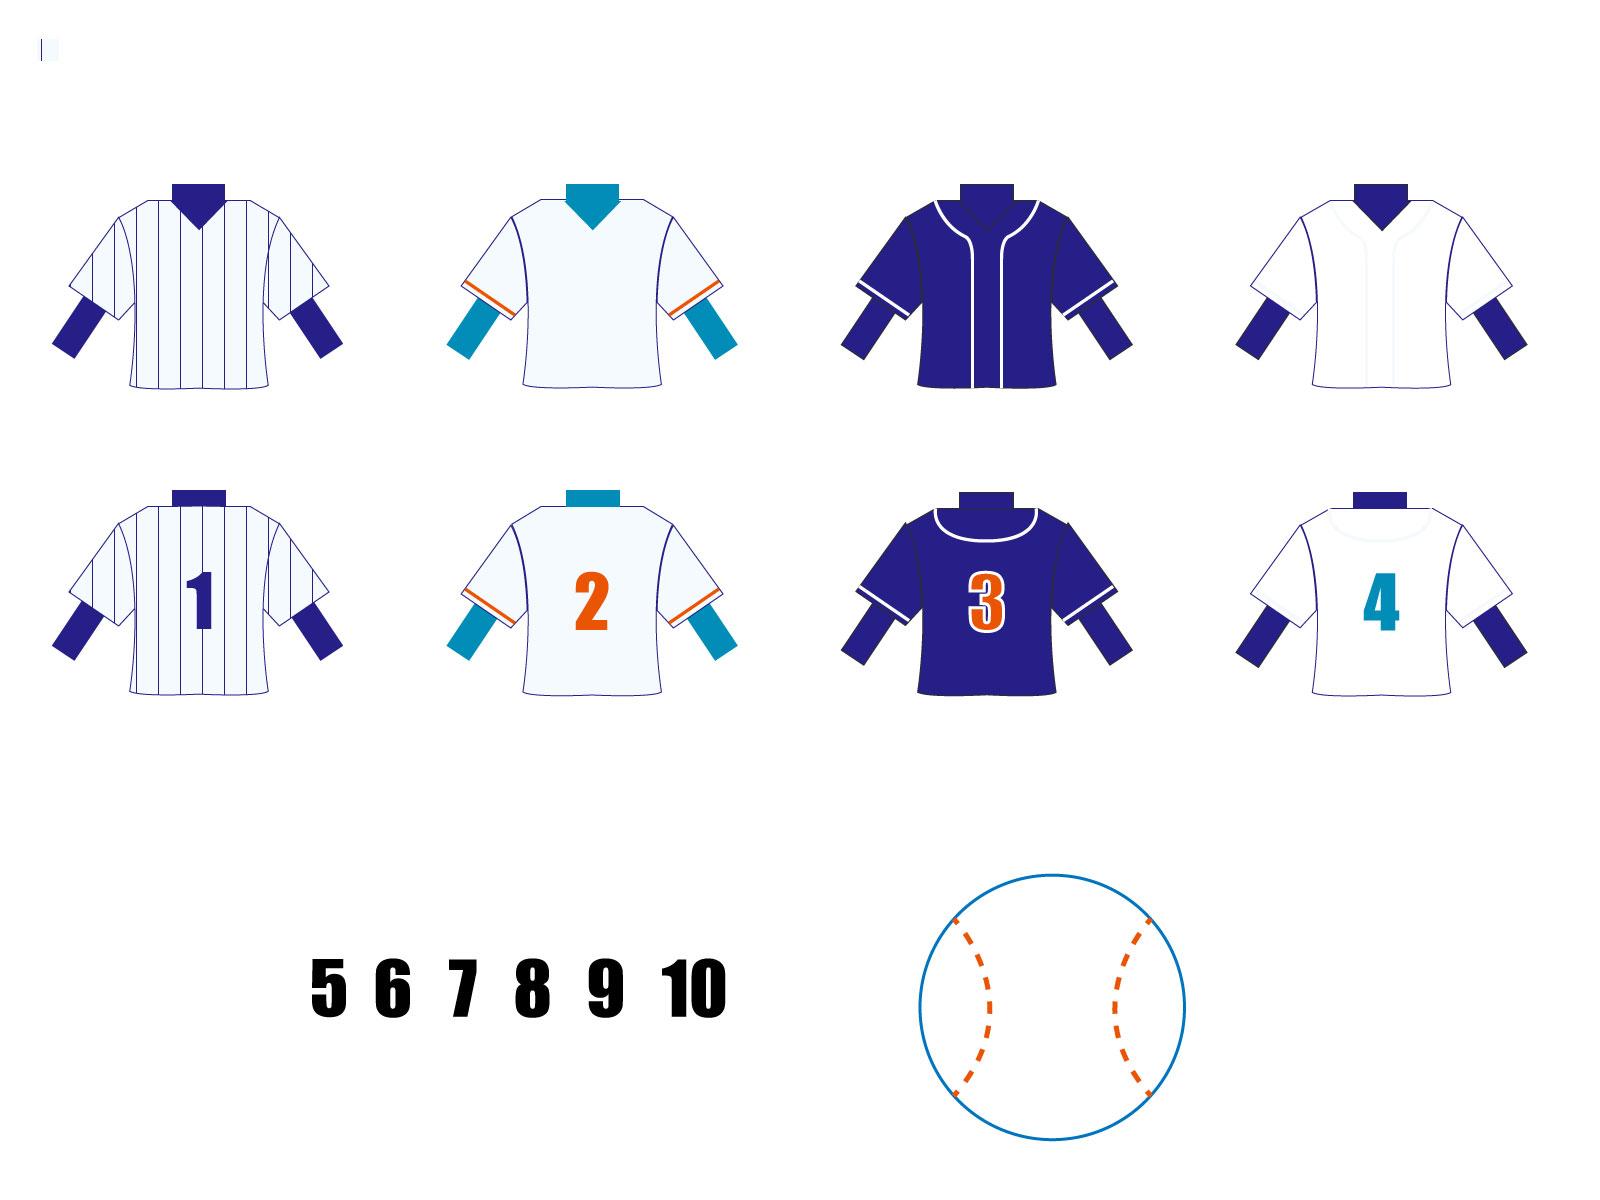 野球 背番号 位置 縫い方 高校野球 背番号の縫い方